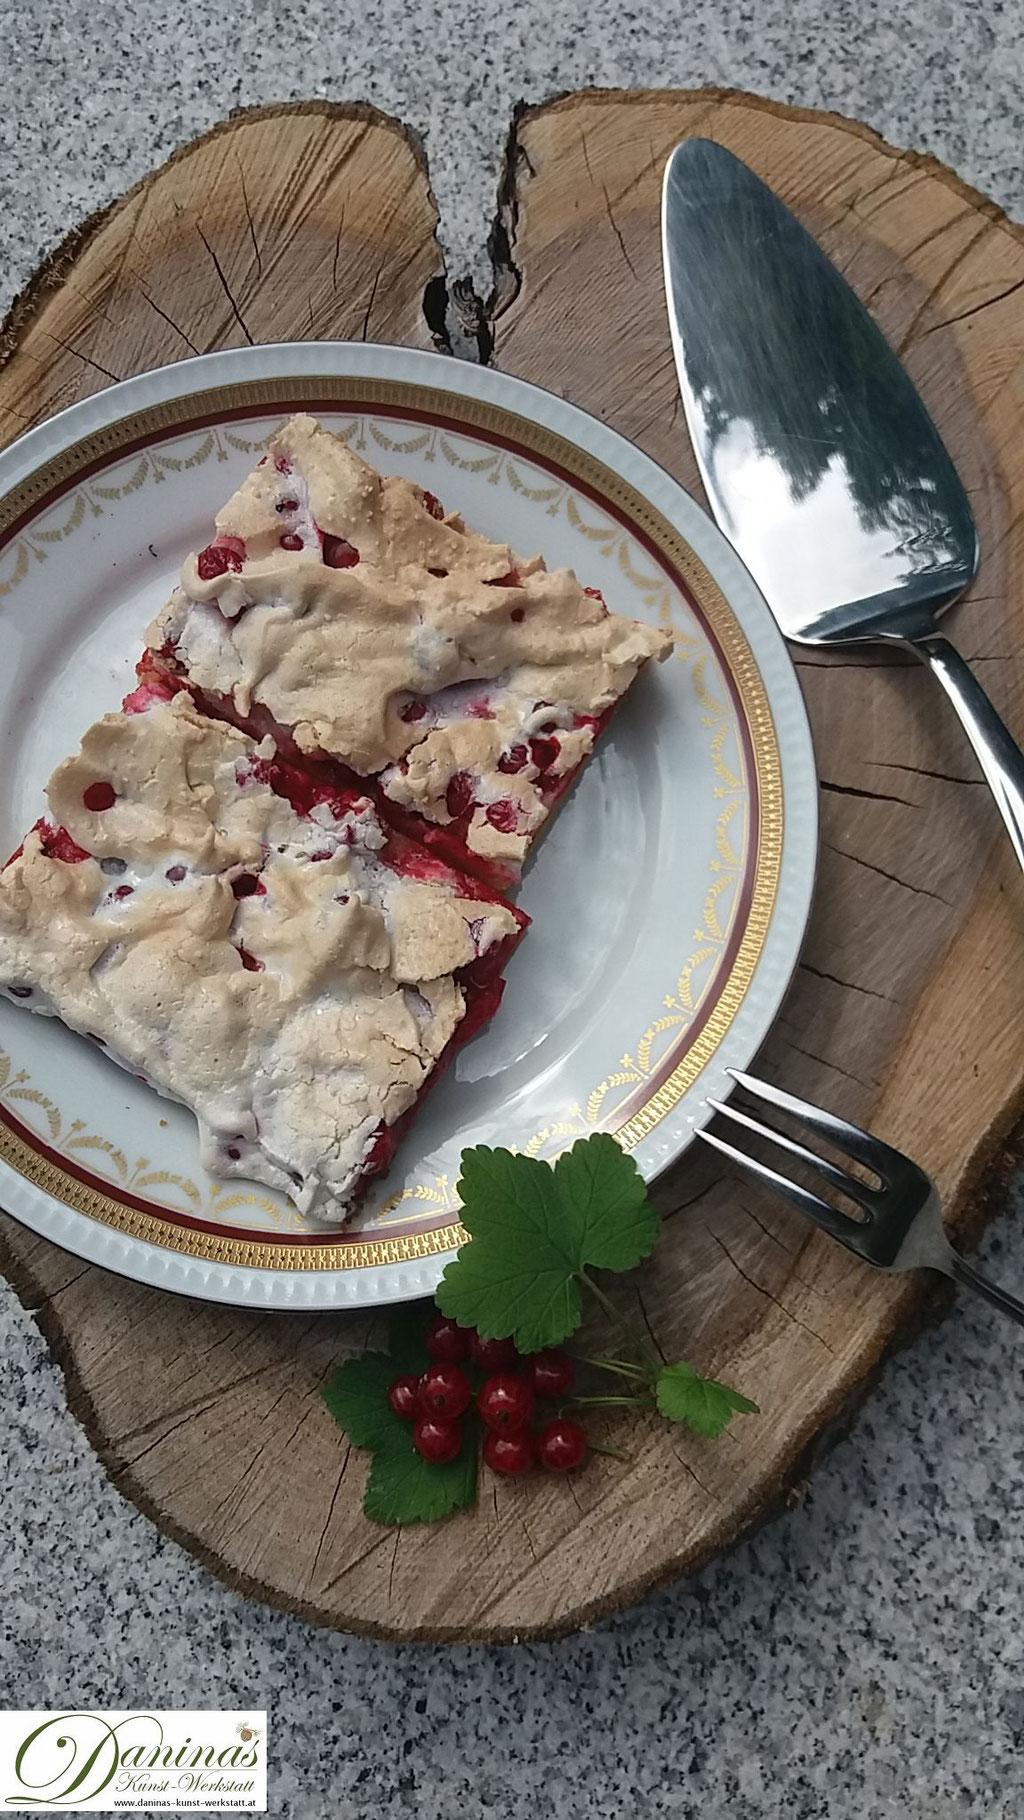 Ribiselkuchen mit Baiser, Rezept mit feinem Mürbeteig